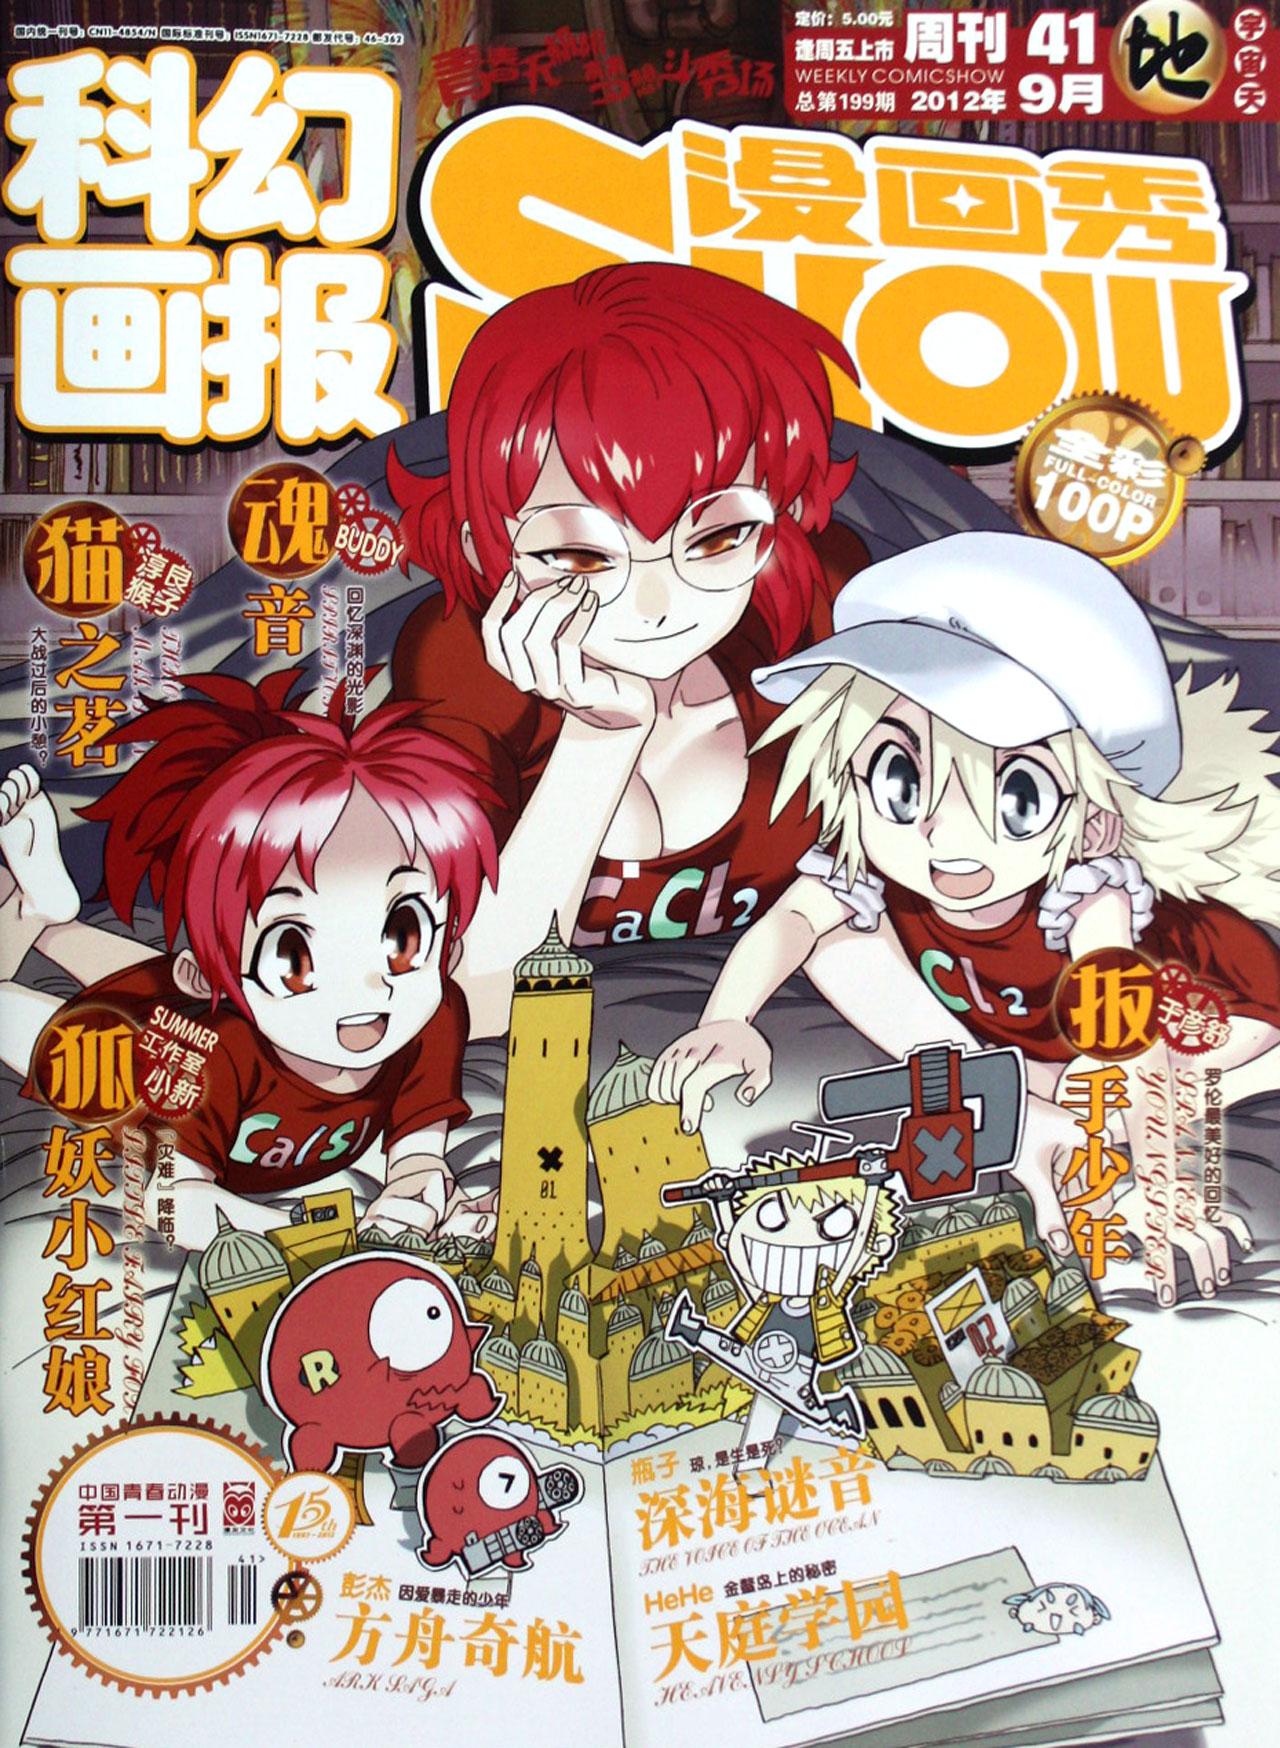 科幻画报漫画秀SHOW(2012年41总第199期)-早苗漫画-小姐图片